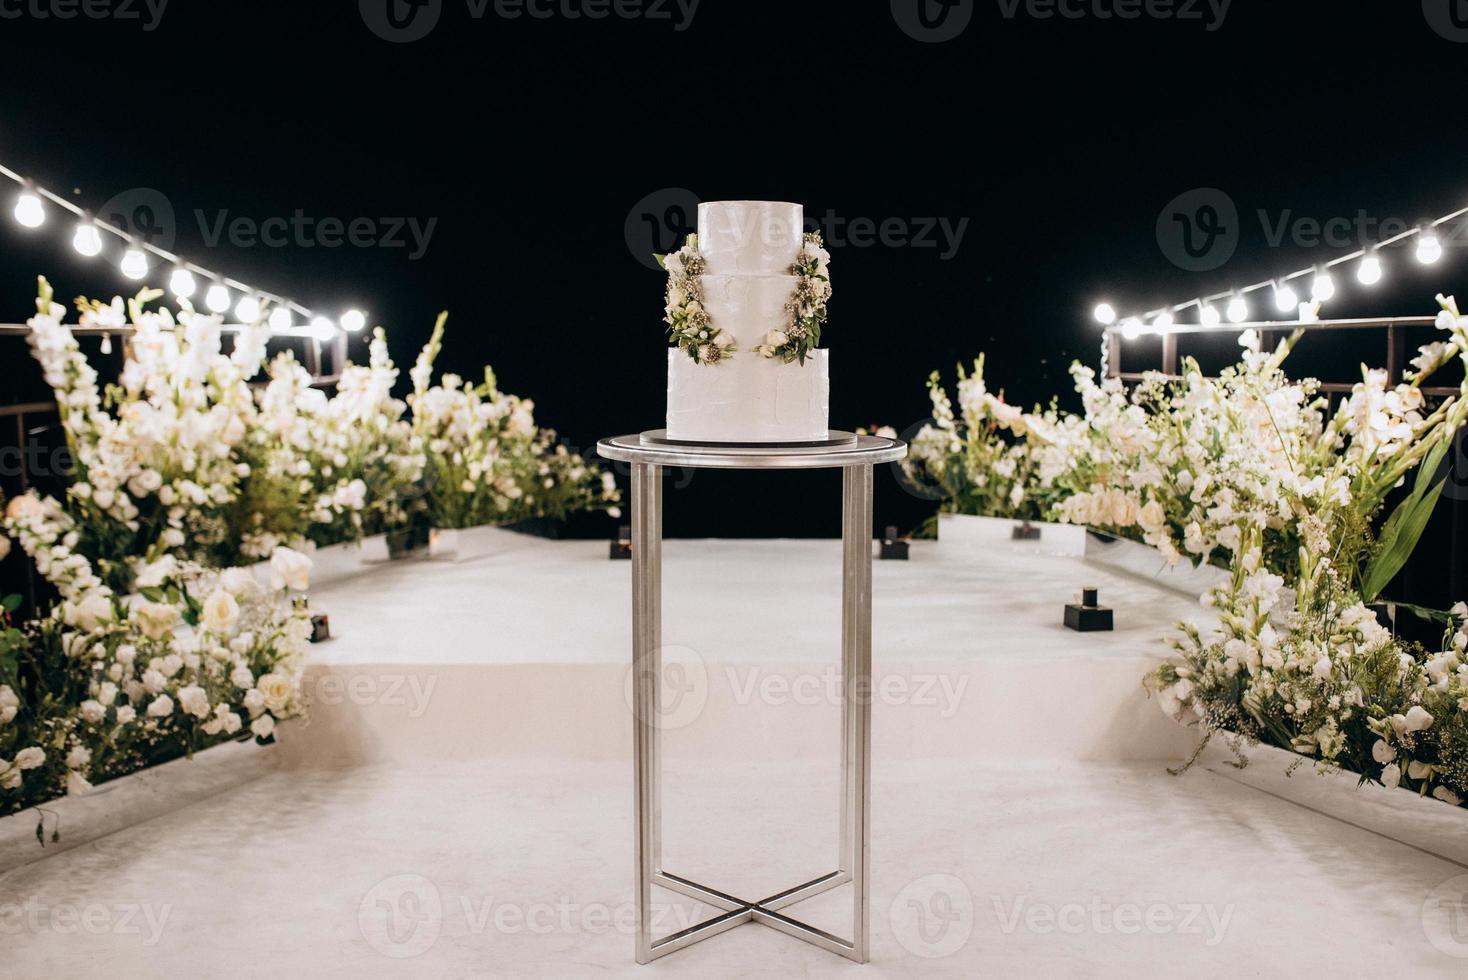 gâteau blanc de mariage sur un stand élevé près du podium blanc photo